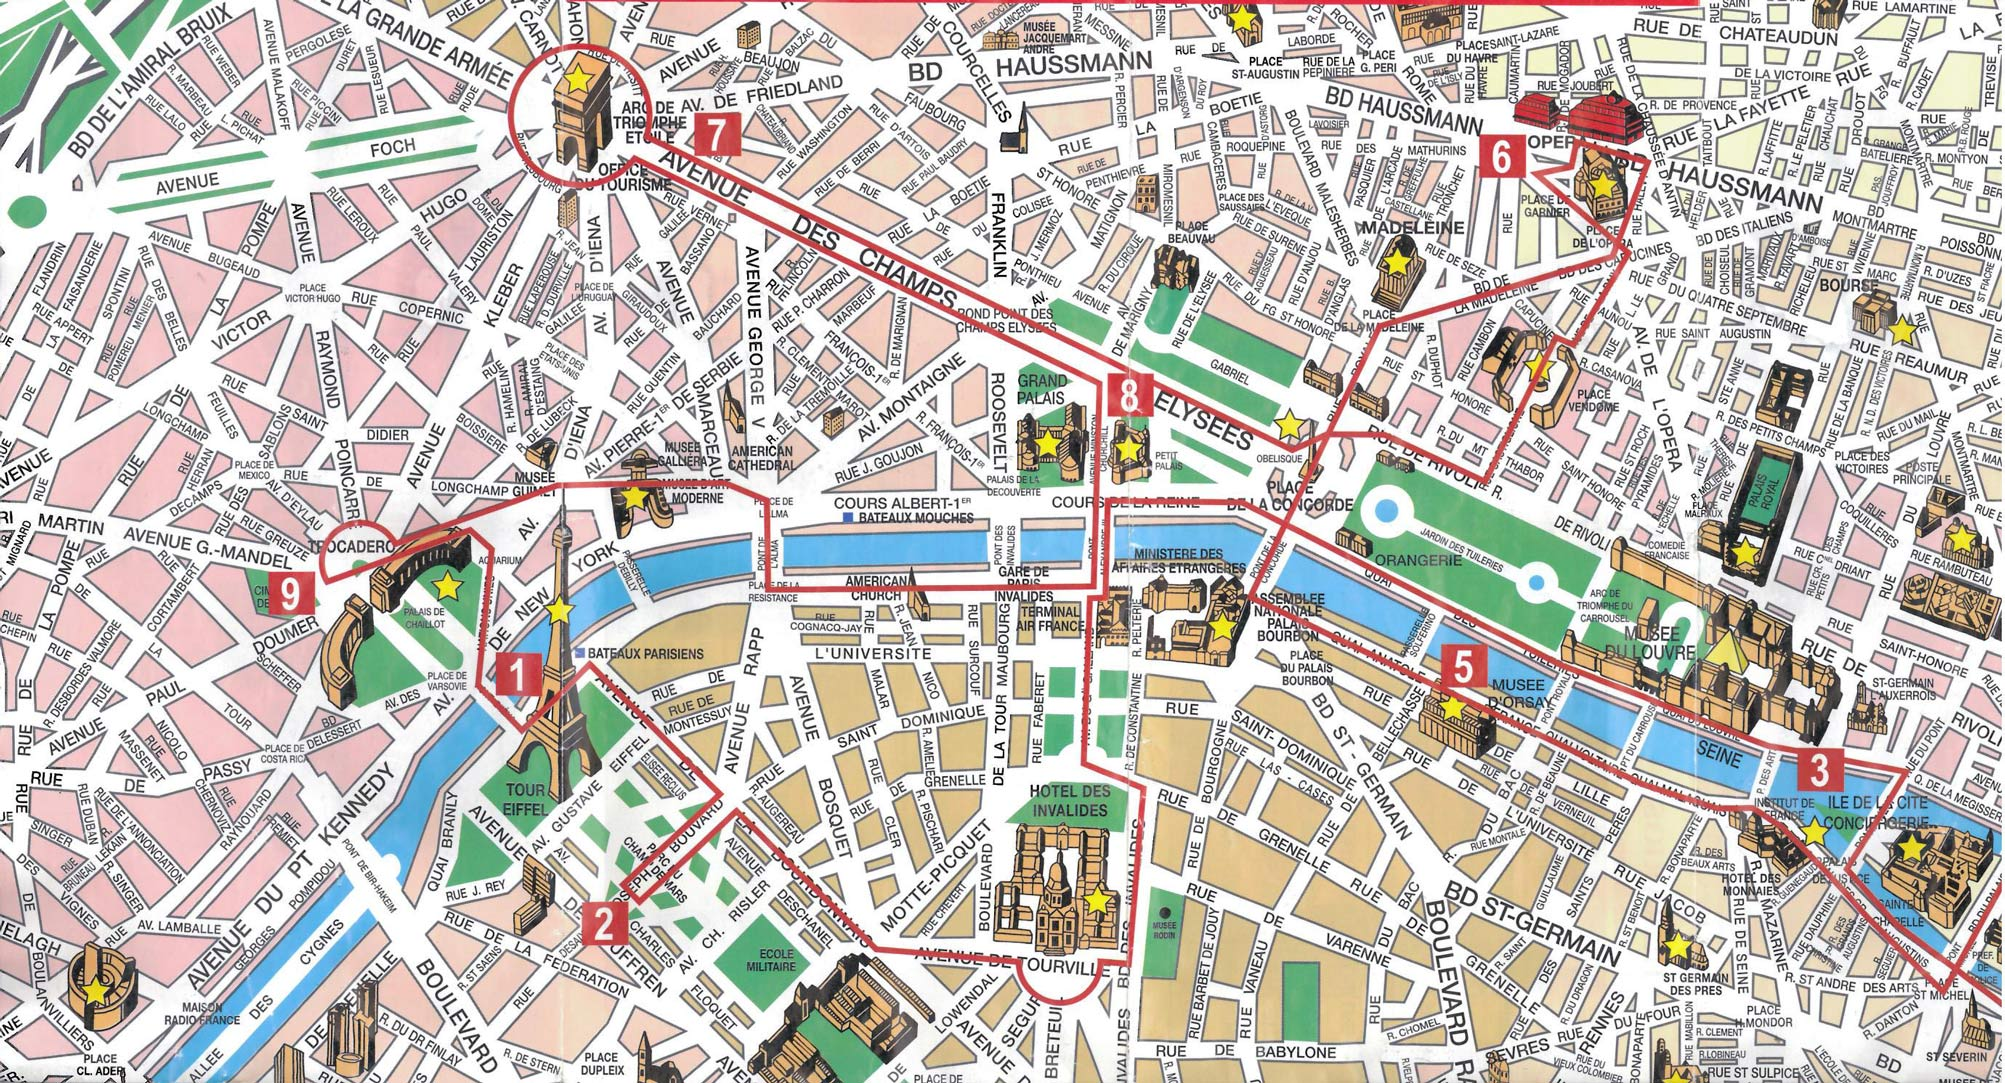 Mapa Monumentos Paris, França